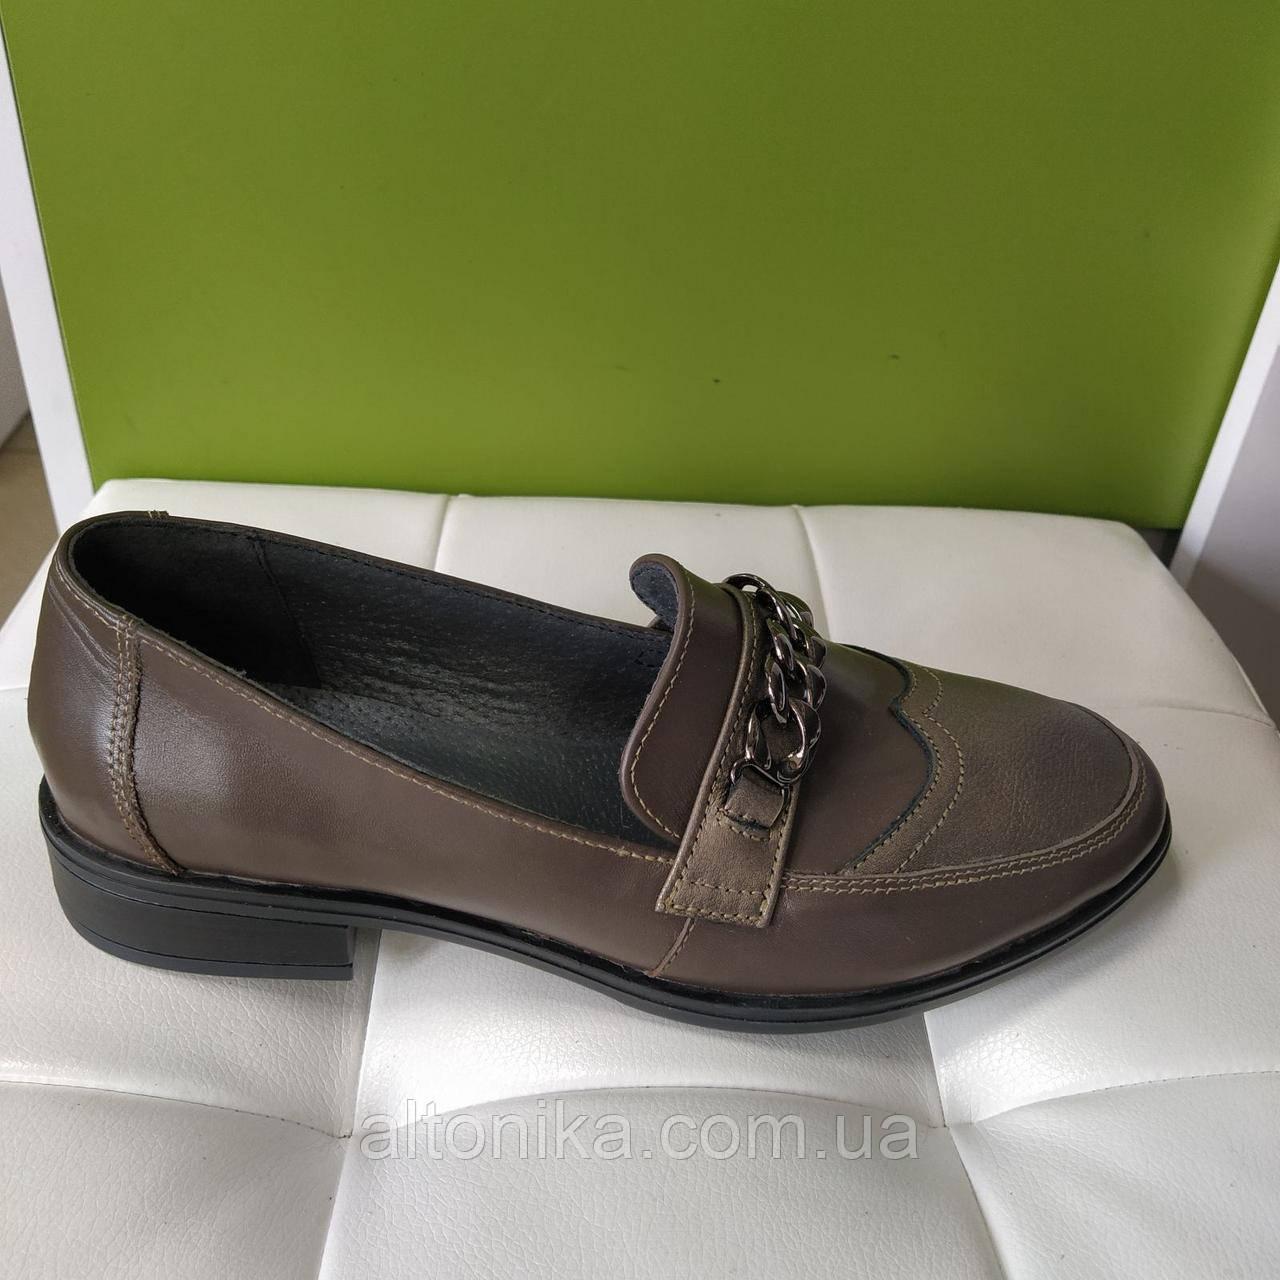 STTOPA Размеры 42-44. Туфли лоферы больших размеров кожаные. С6-24-4244-3 Коричневые